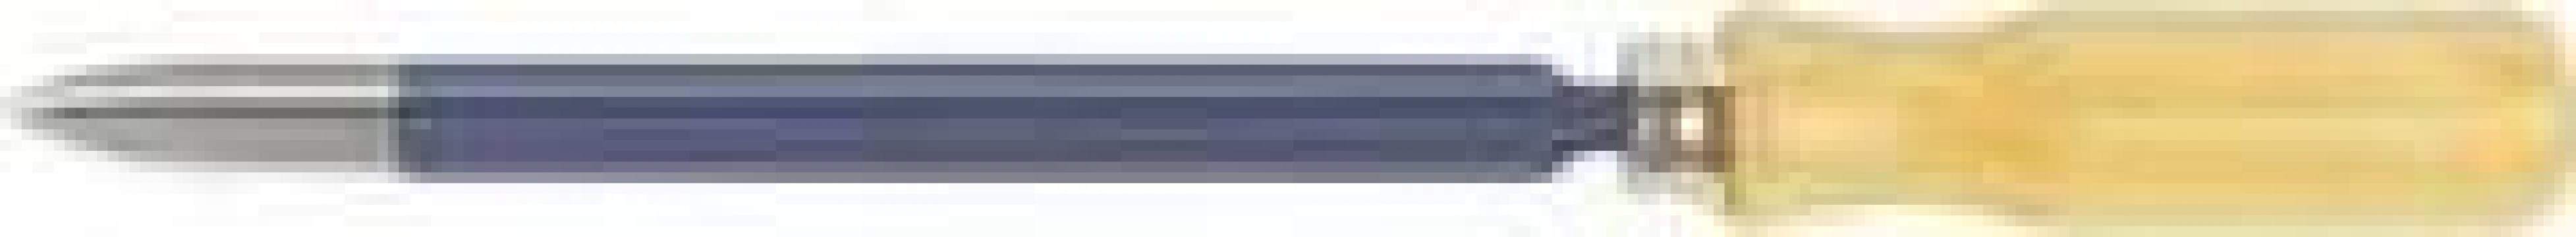 Daltita concava cu 3 muchii 5062-012 de la Nascom Invest